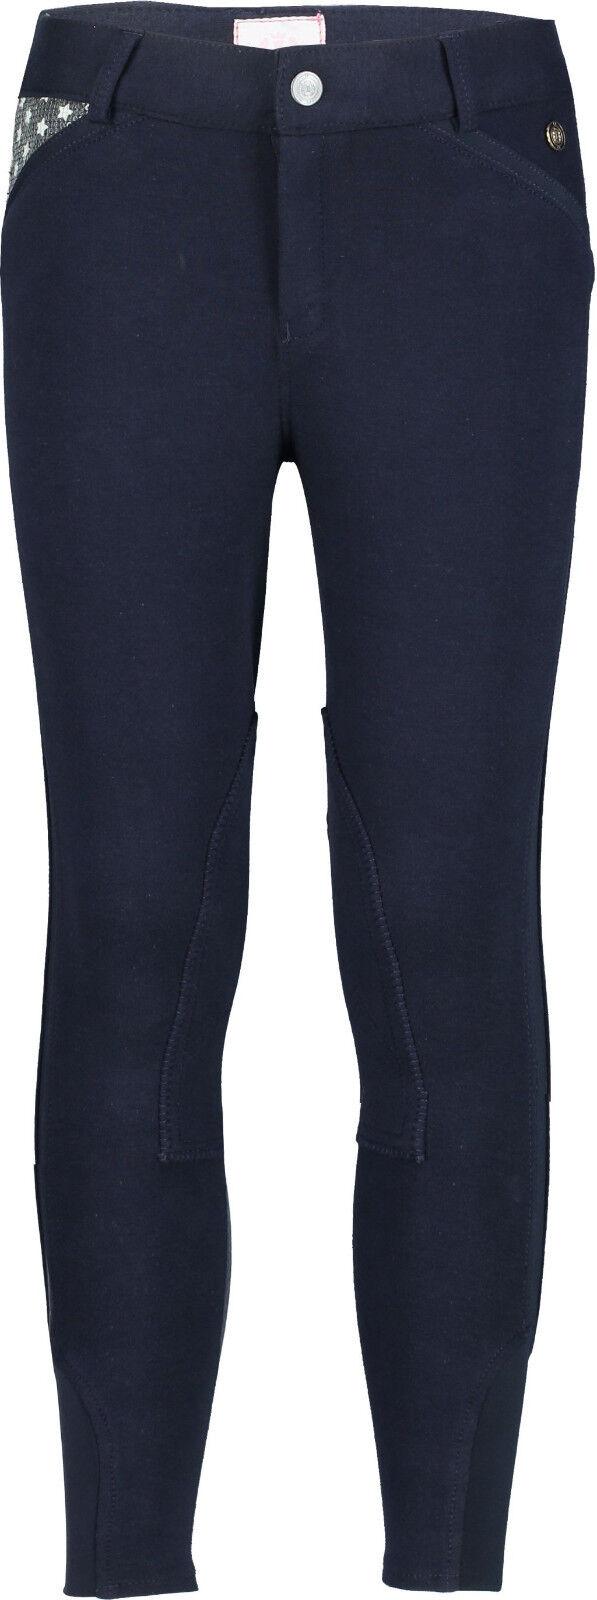 Imperial equitazione ragazzaMONTALA Pantaloni estrella edizione STeARD GUARNIZIONE in pieno paillettenbes.